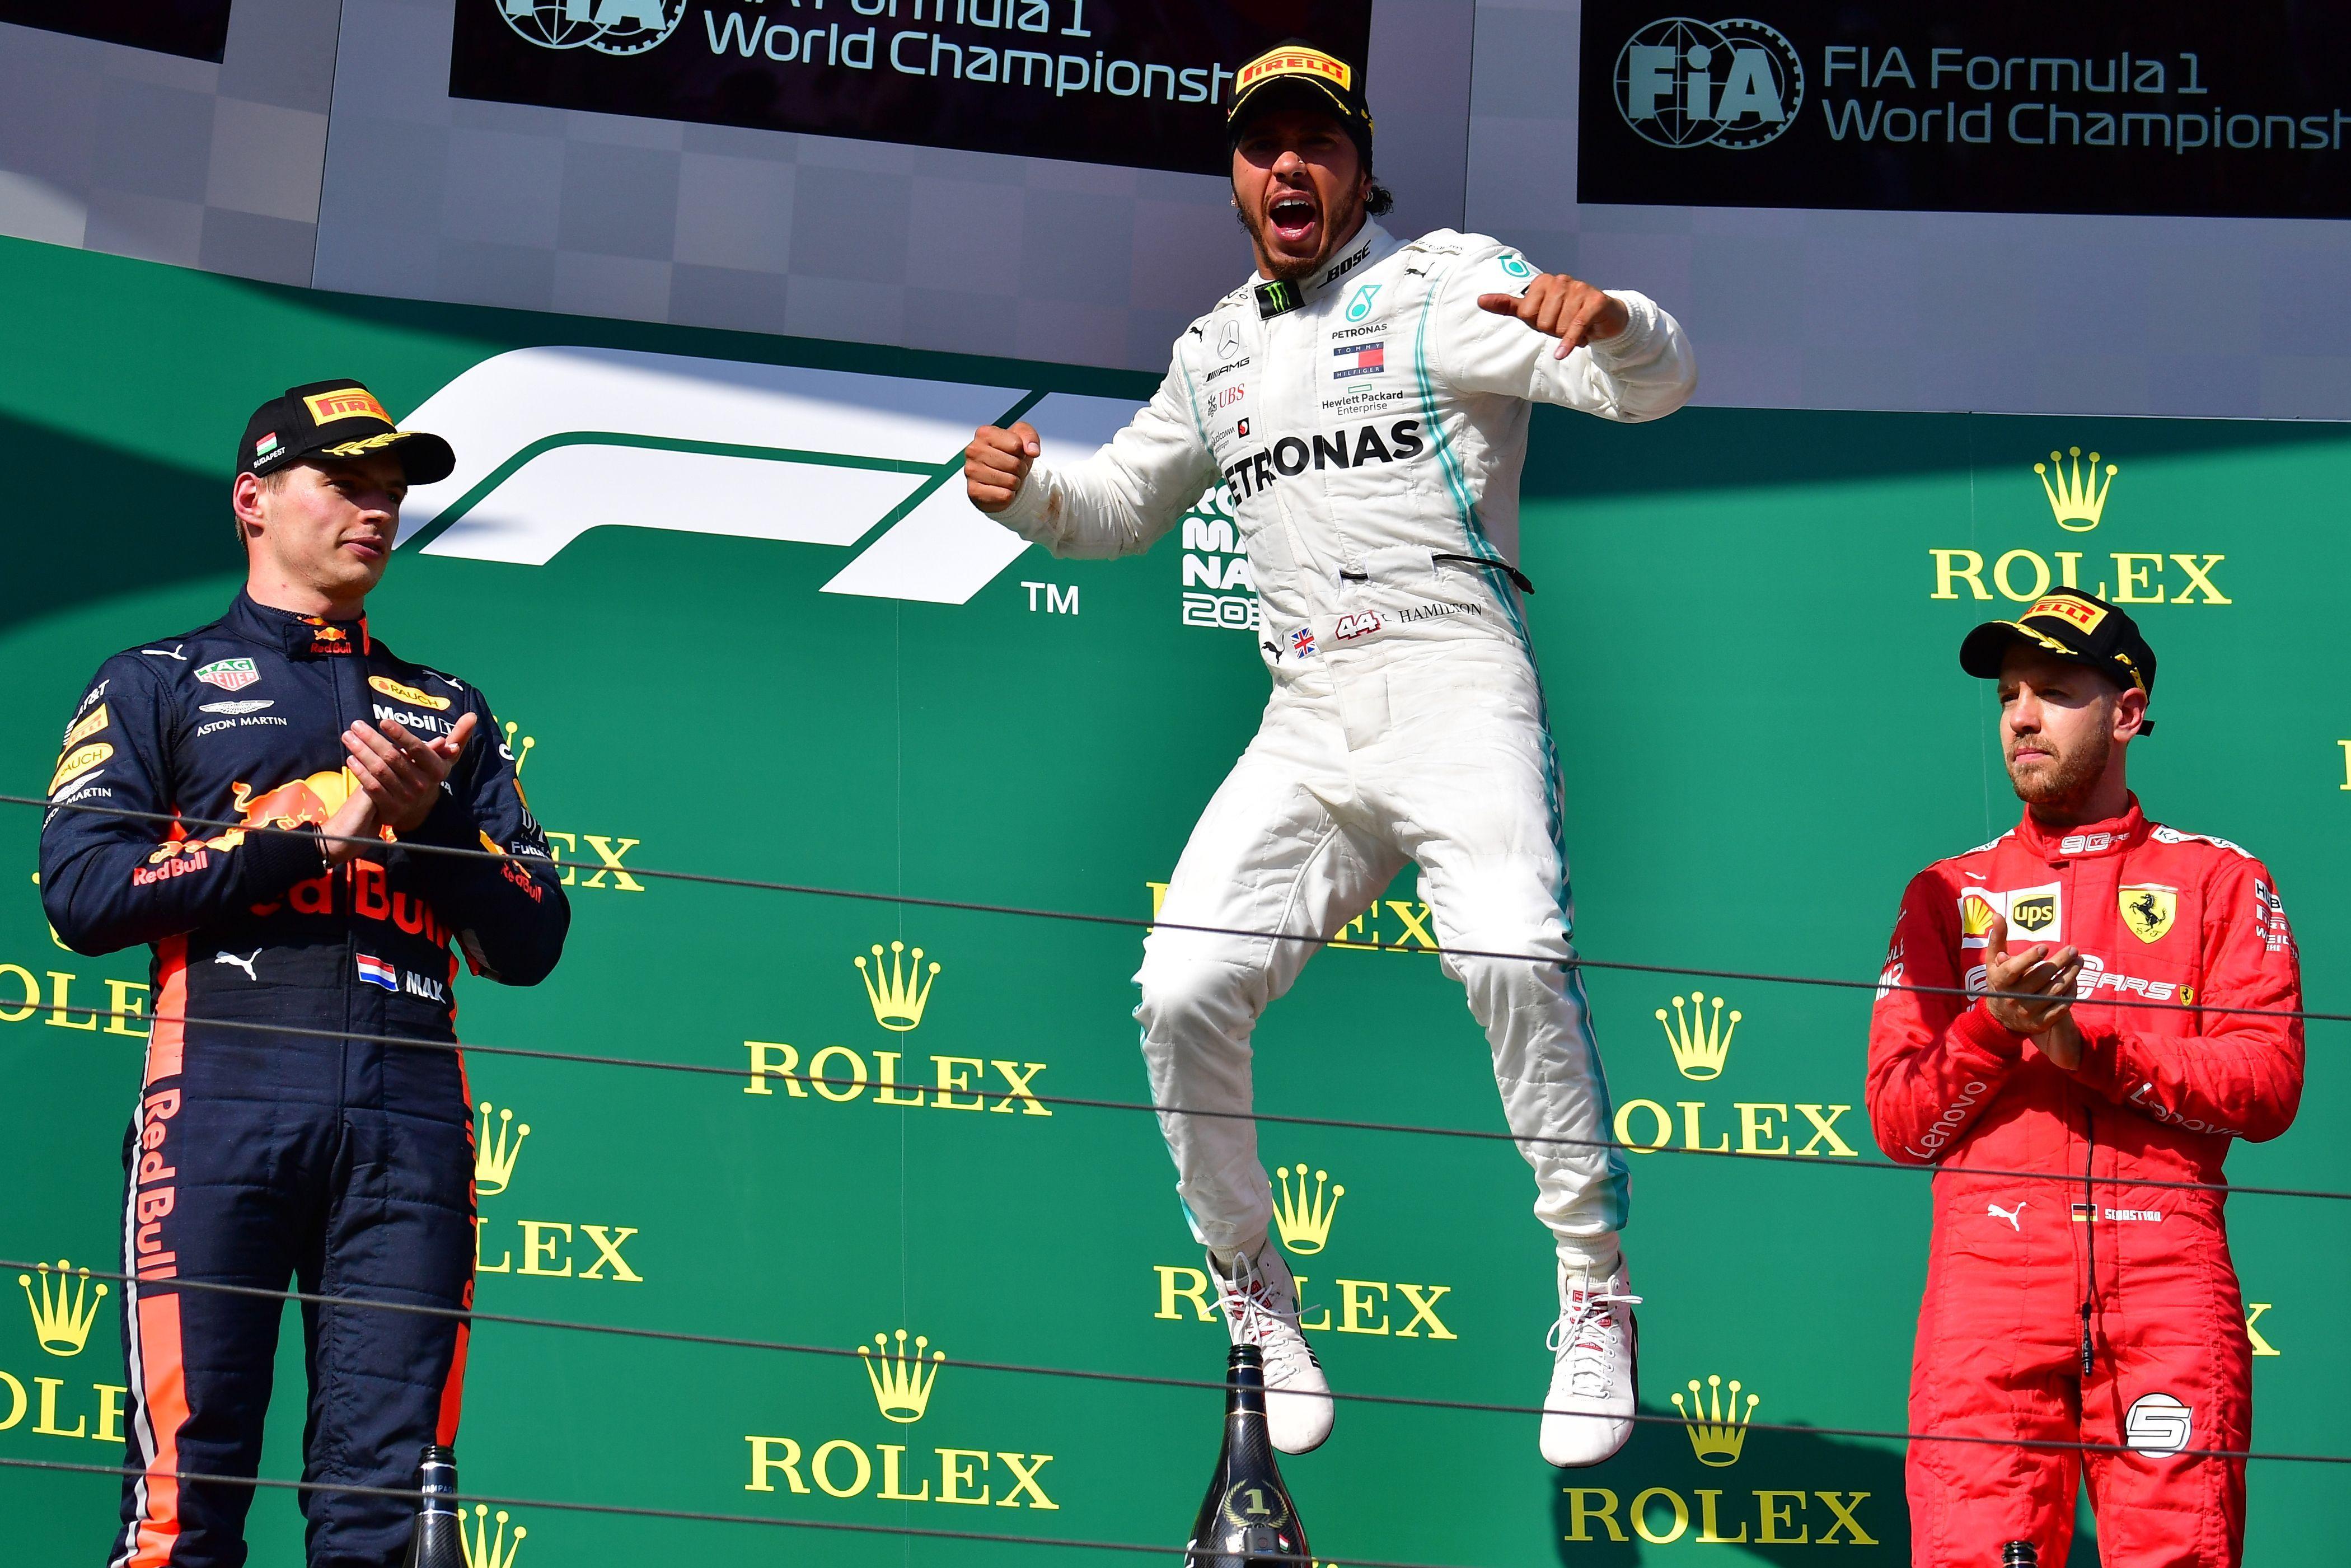 Resultado de imagen para A pura estrategia, Hamilton se quedó con el GP de Hungría